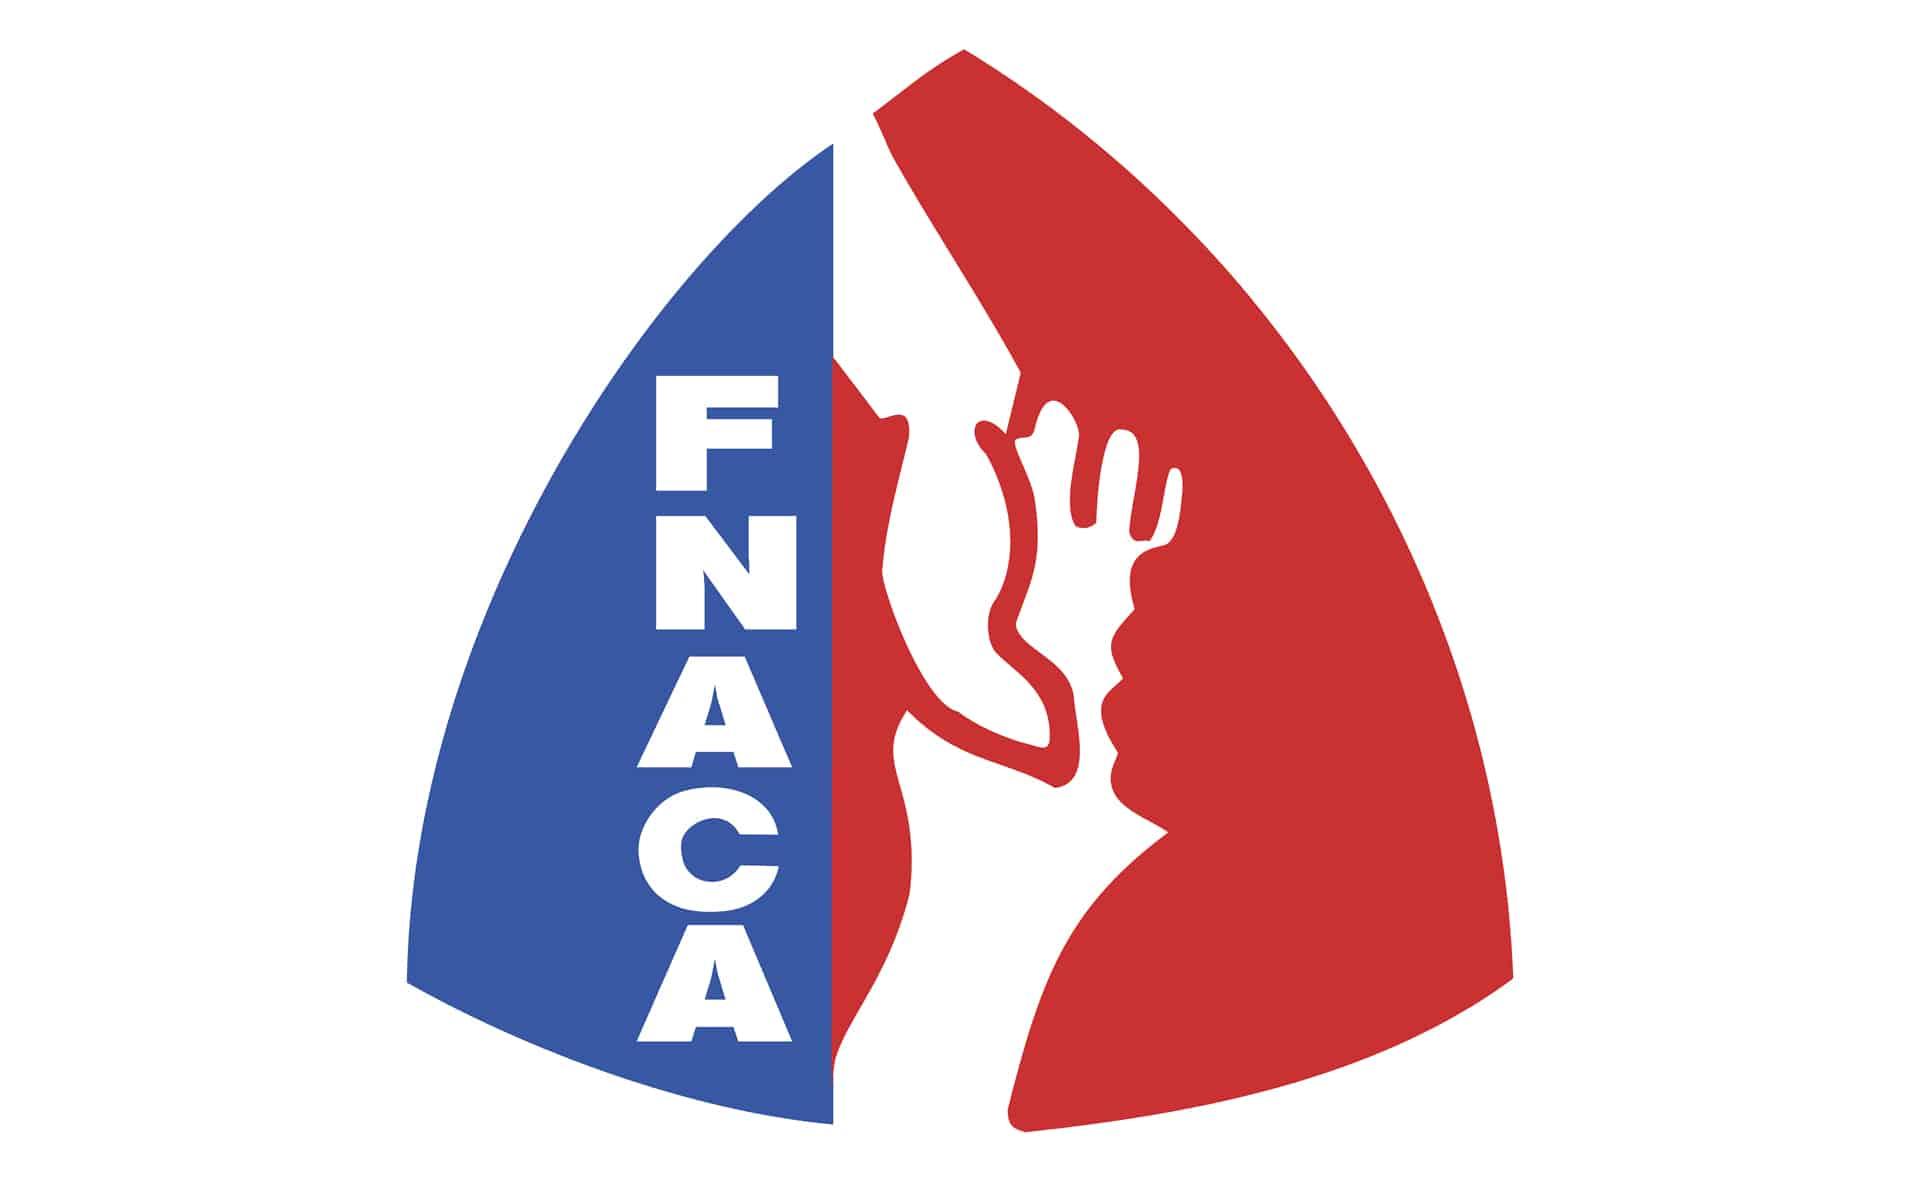 FEDERATION NATIONALE DES ANCIENS COMBATTANTS D'ALGERIE (FNACA)